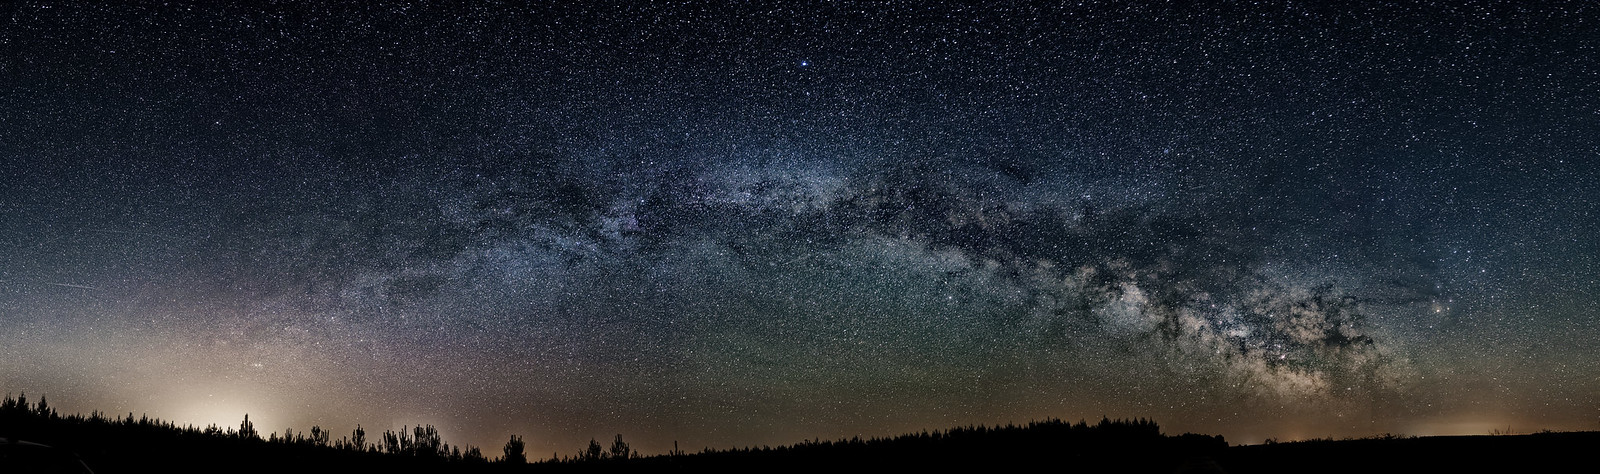 Voie Lactée - Page 9 49943403172_2e55d49664_h